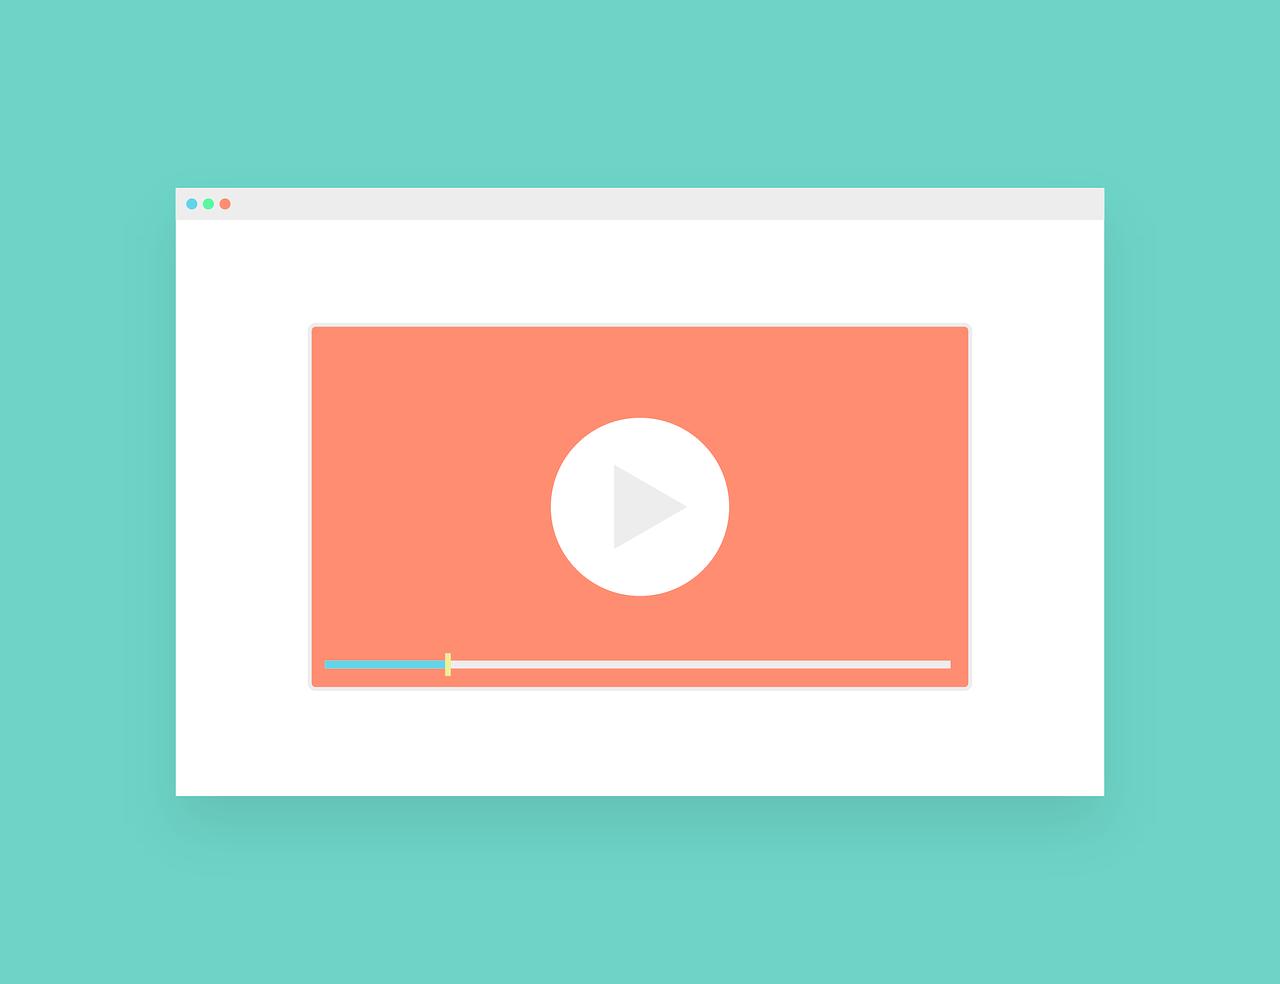 aplikasi download film